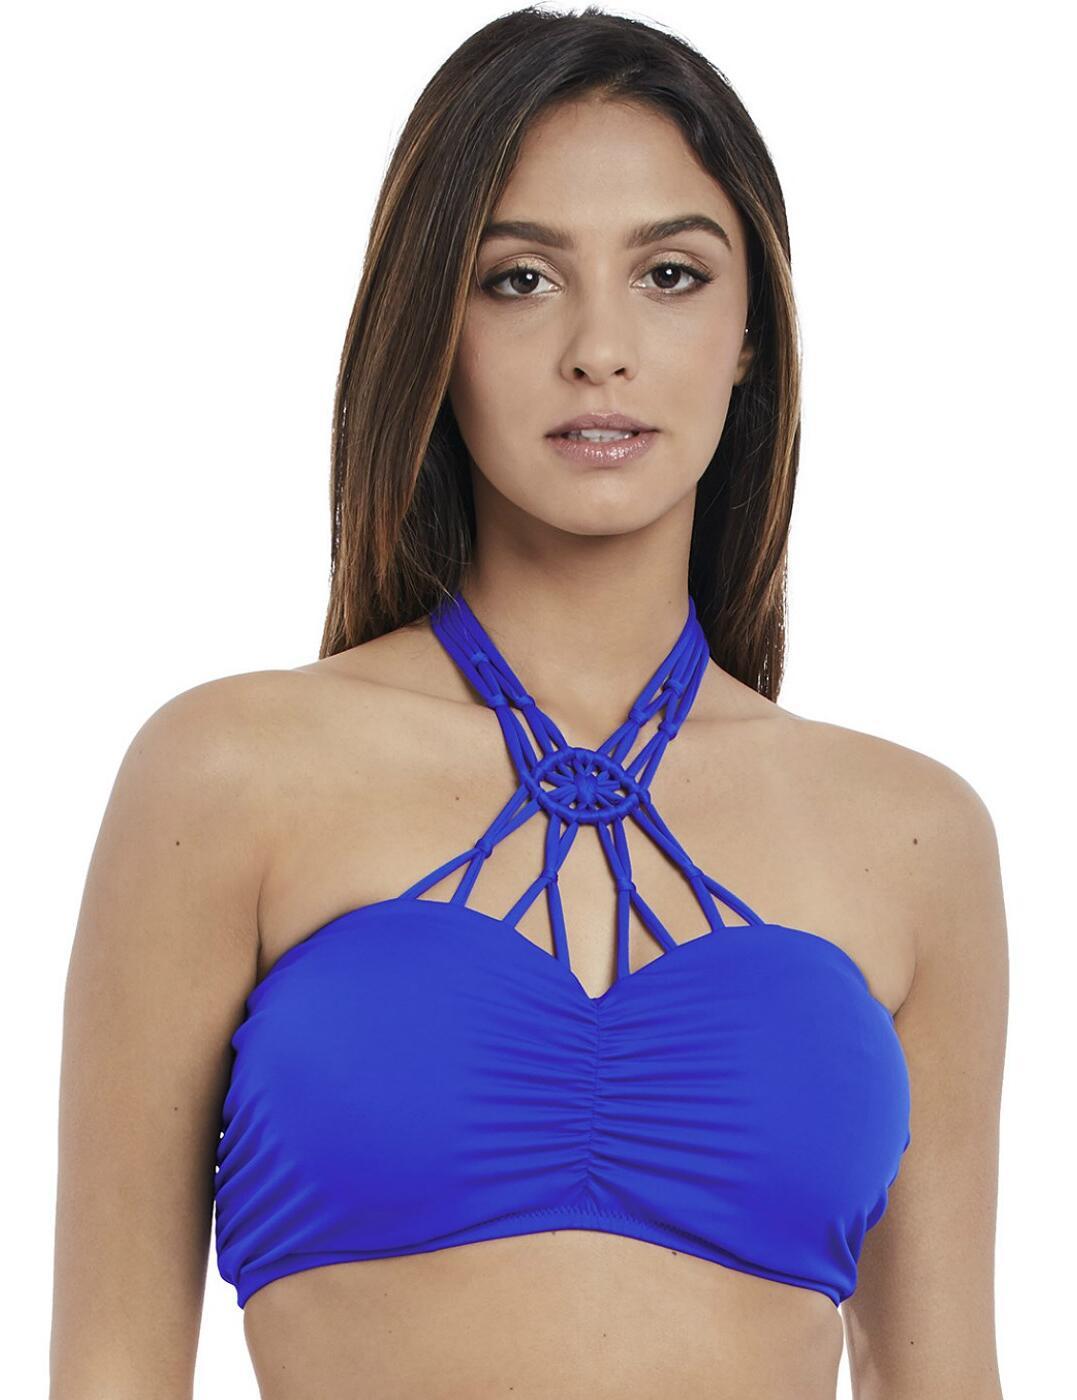 4053 Freya Macrame Underwired Padded Bandeau Bikini Top - 4053 Cobalt